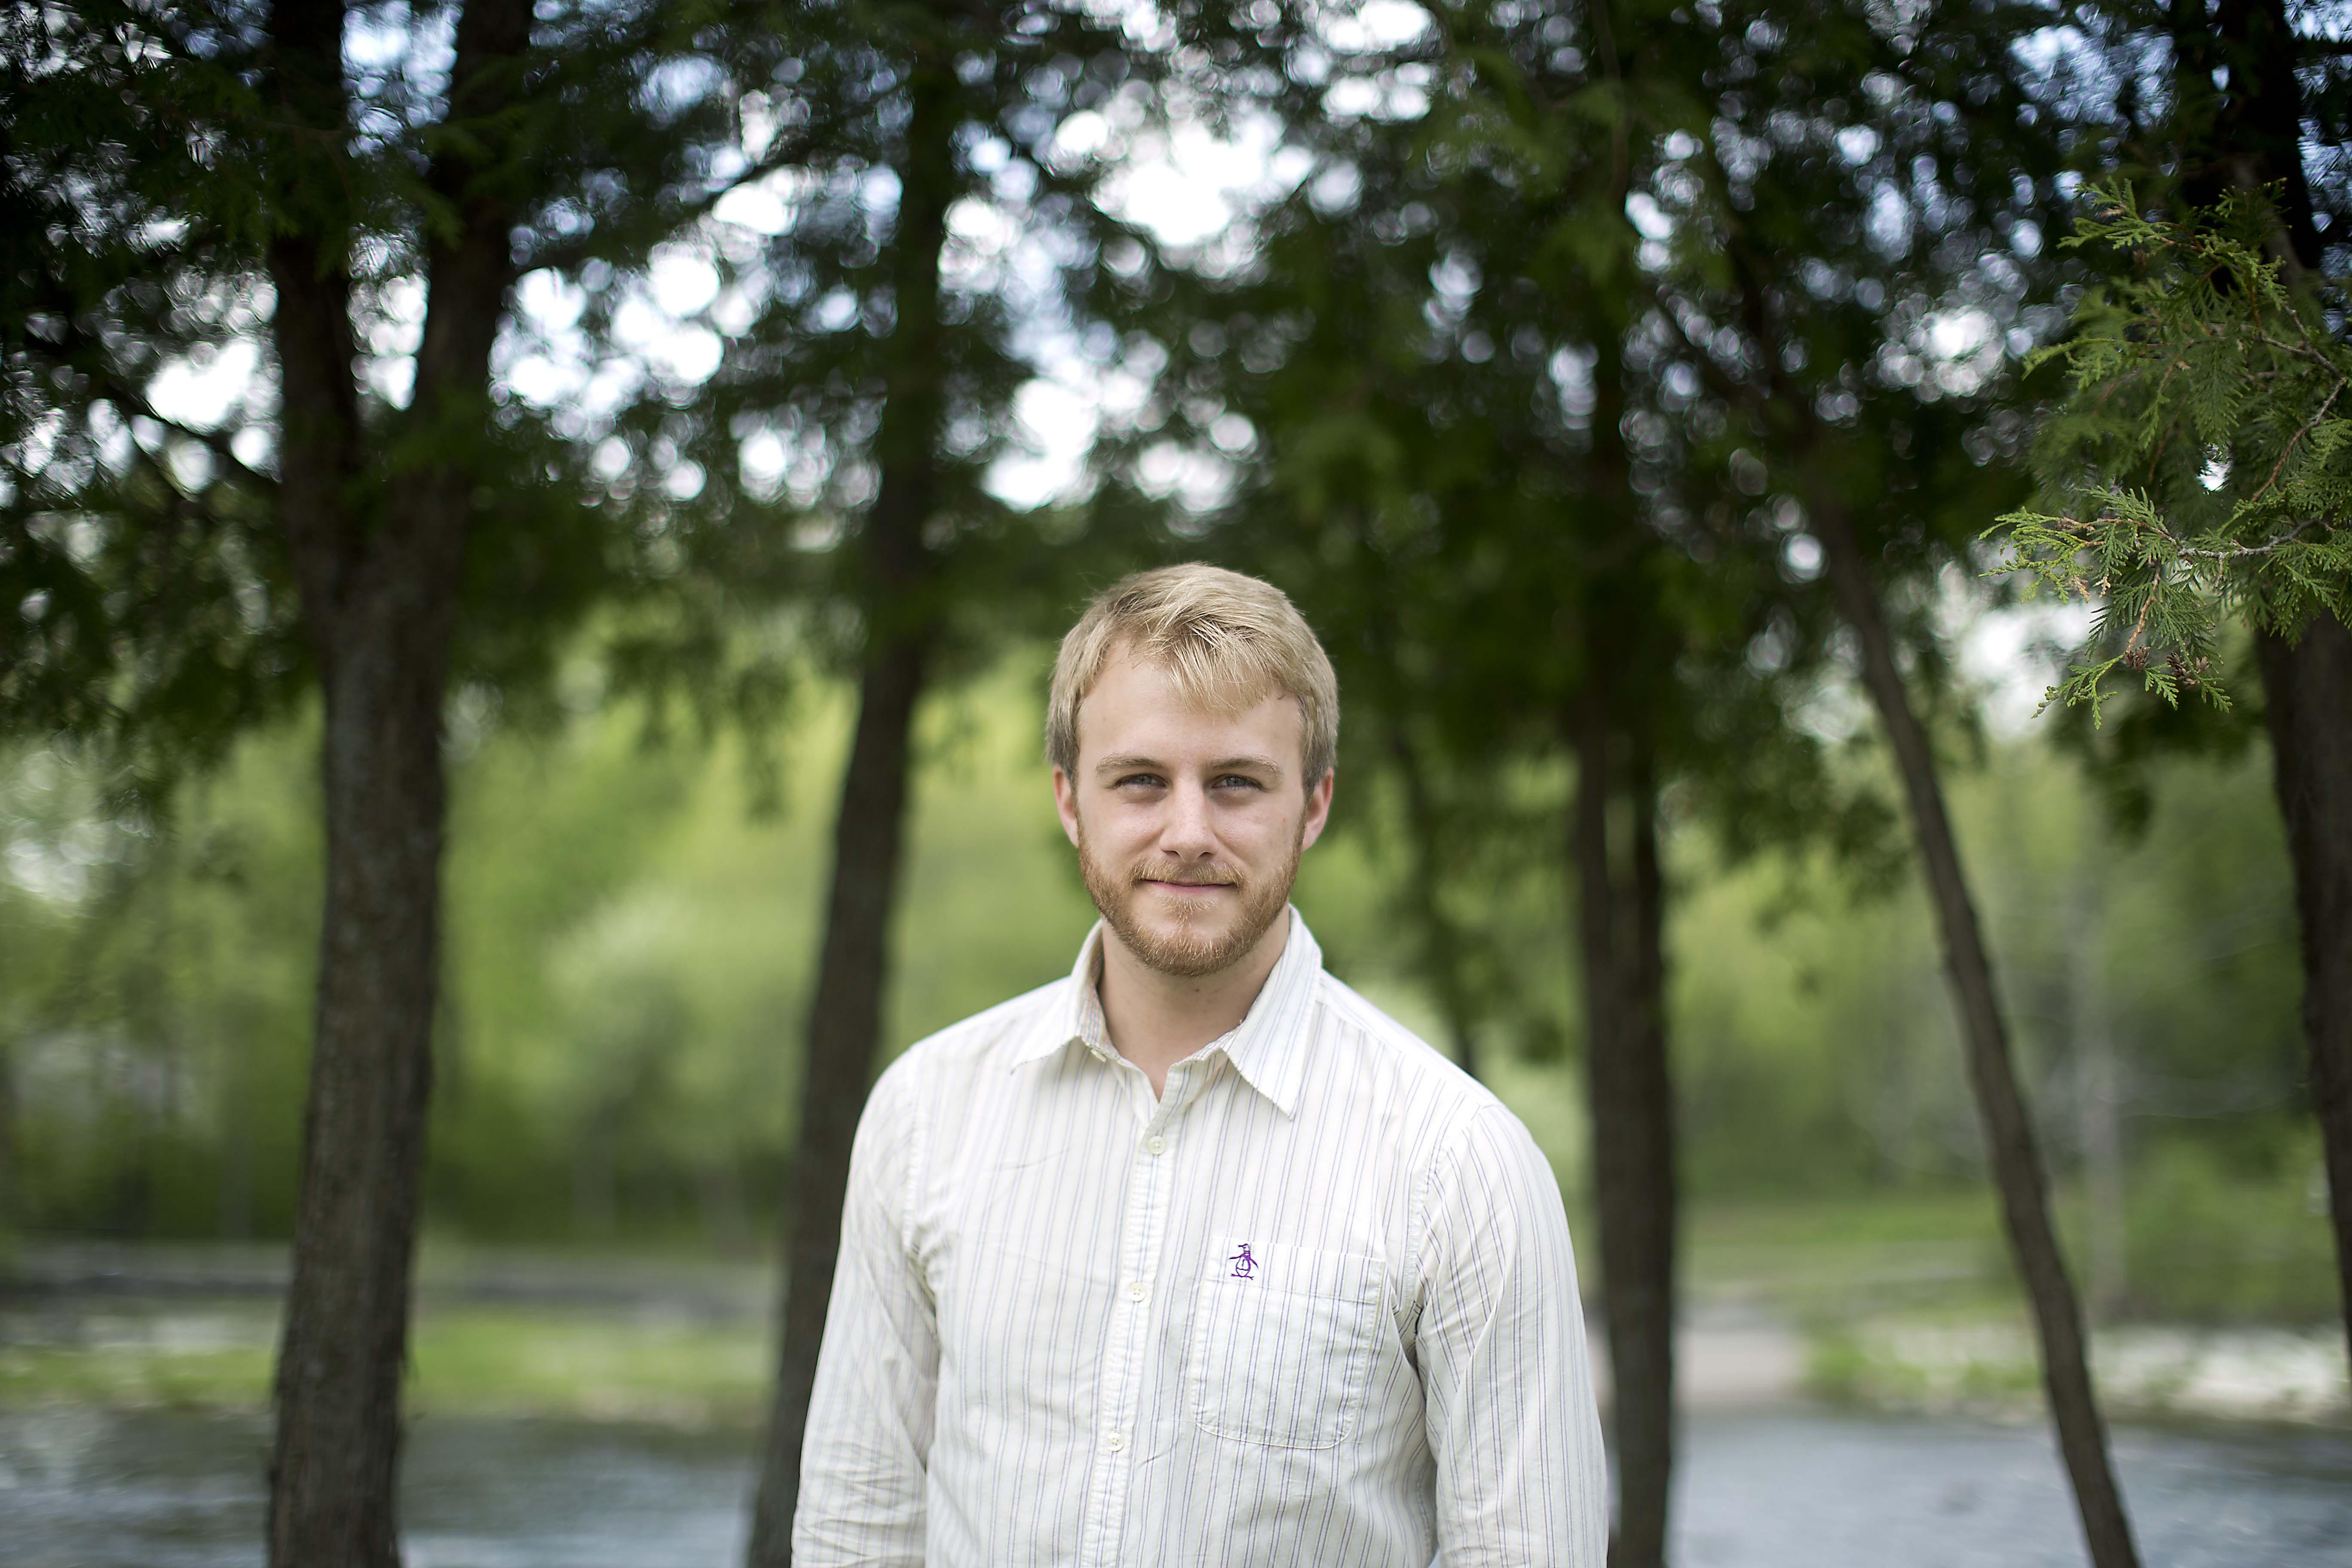 Productivity expert Chris Bailey, author of Hyperfocus